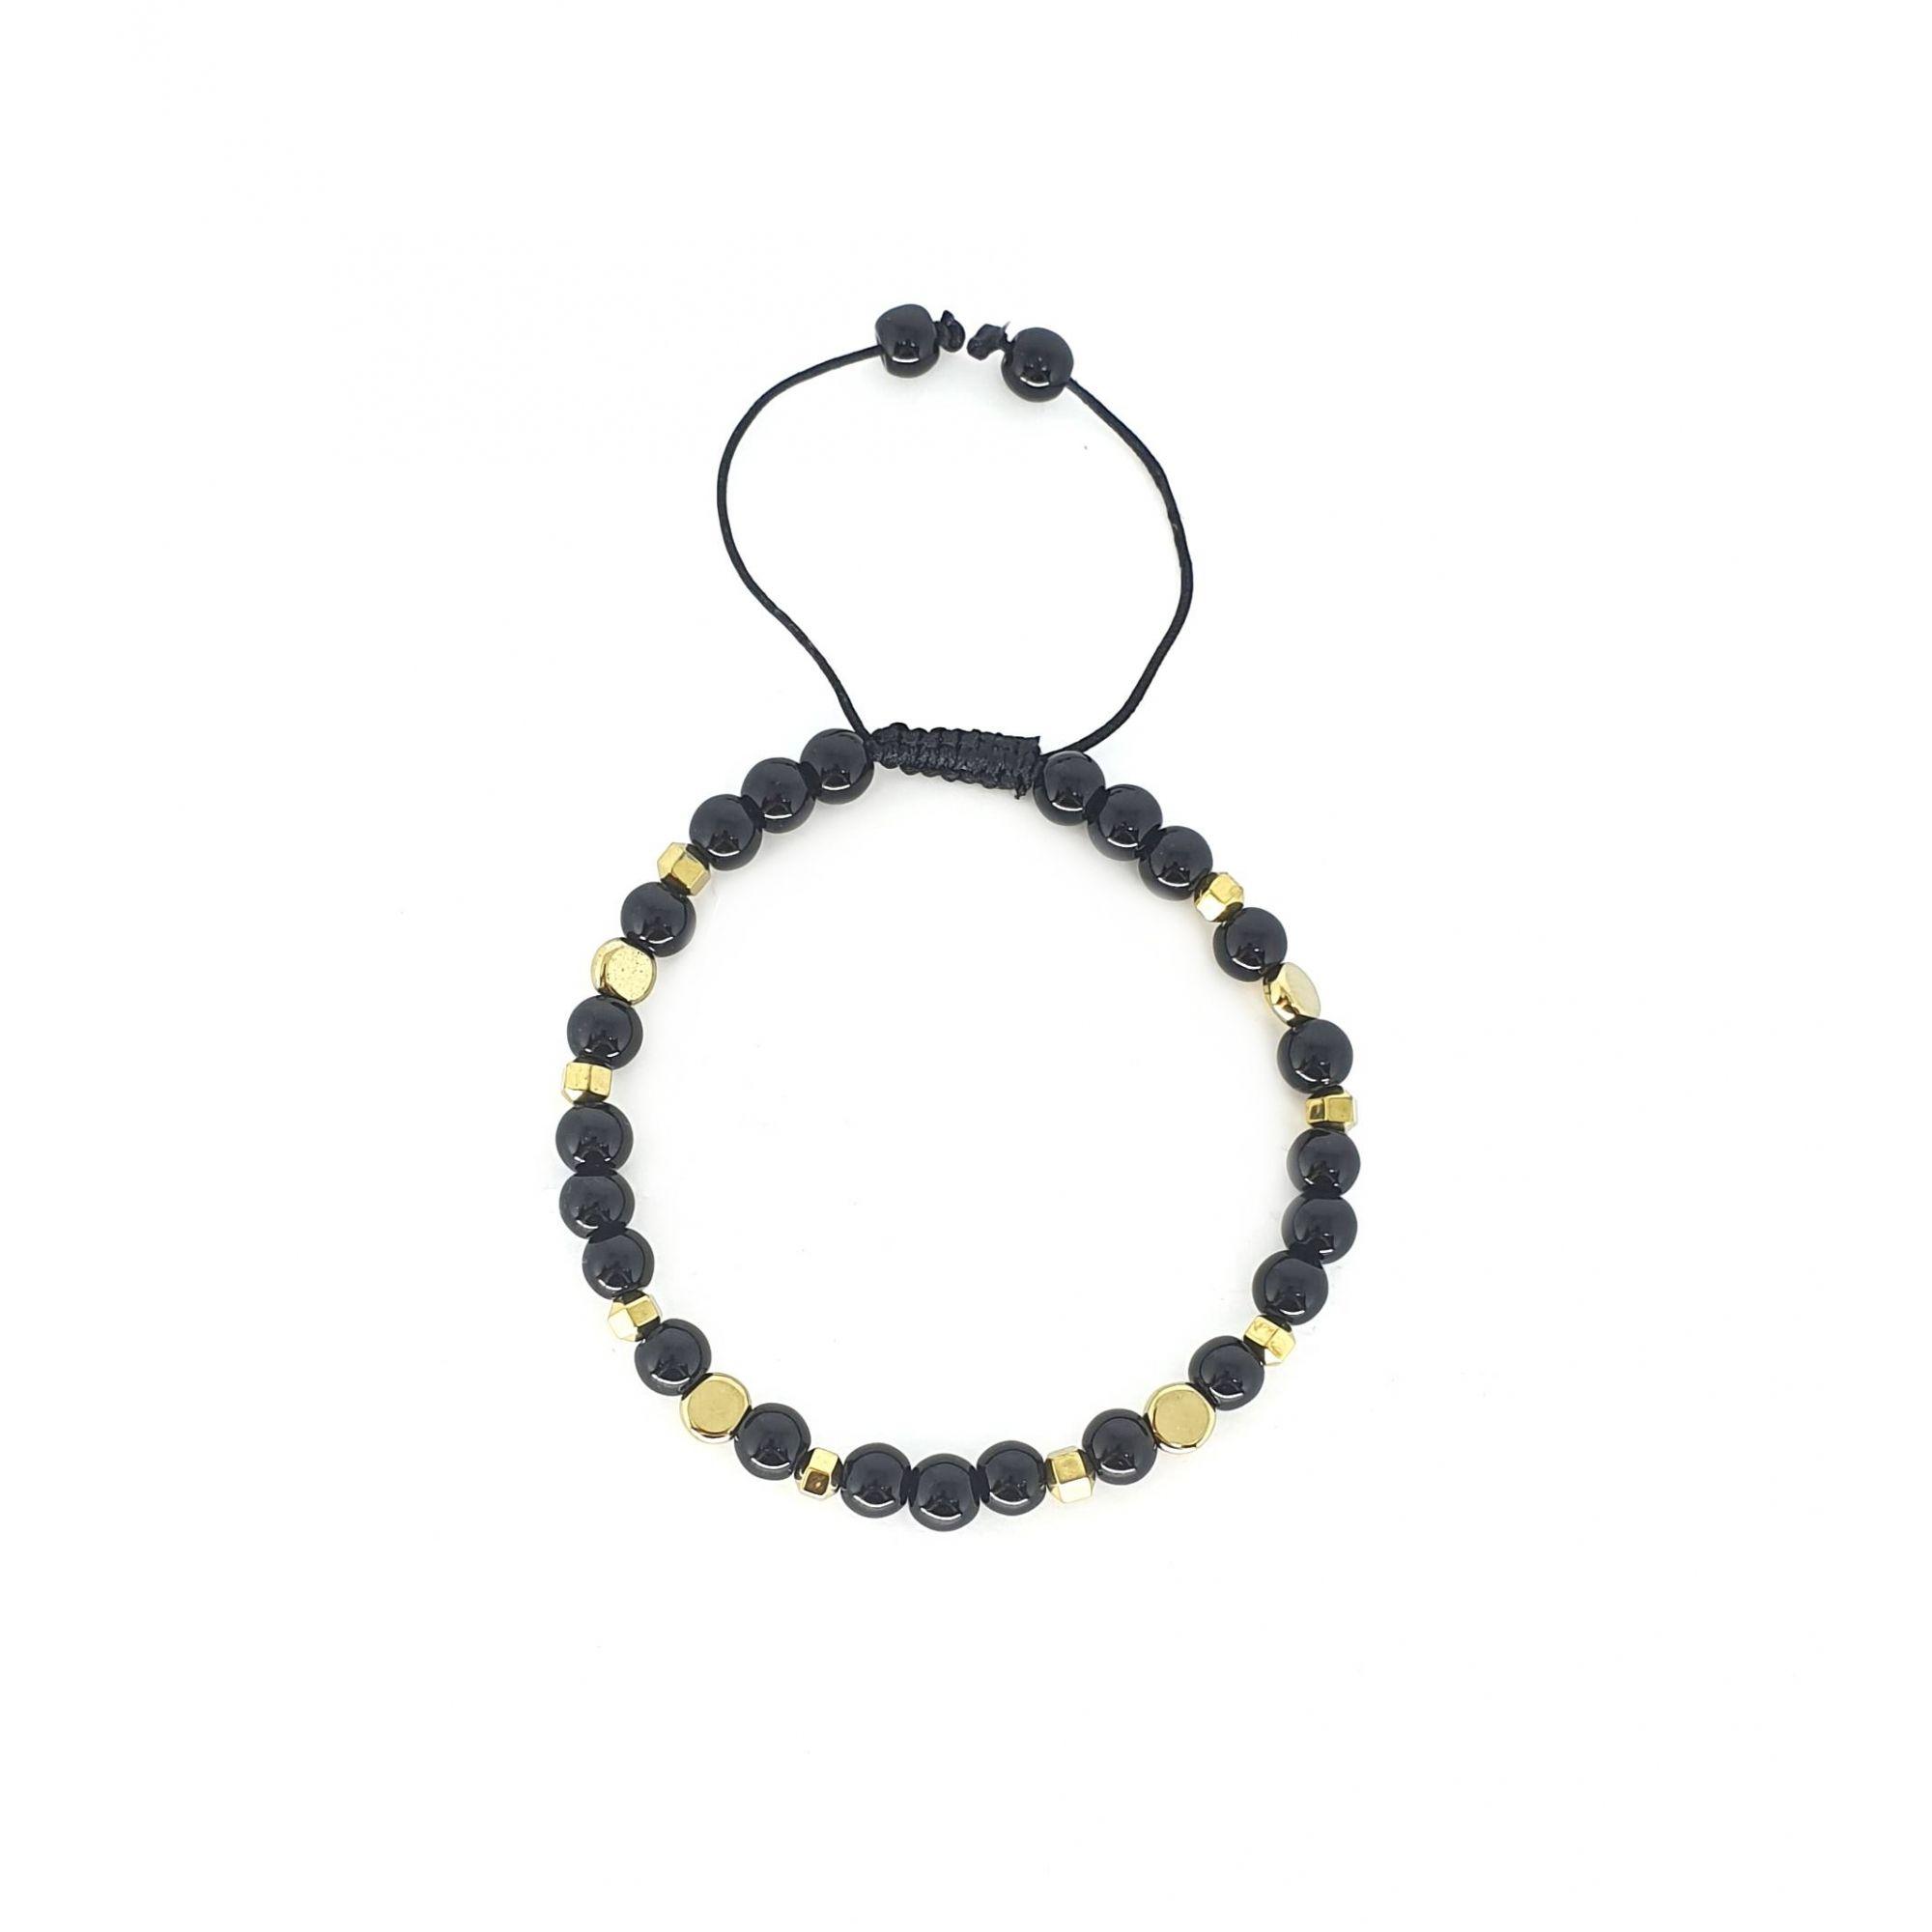 Pulseira Emporio Top de Pedras Gold And Black Circle One